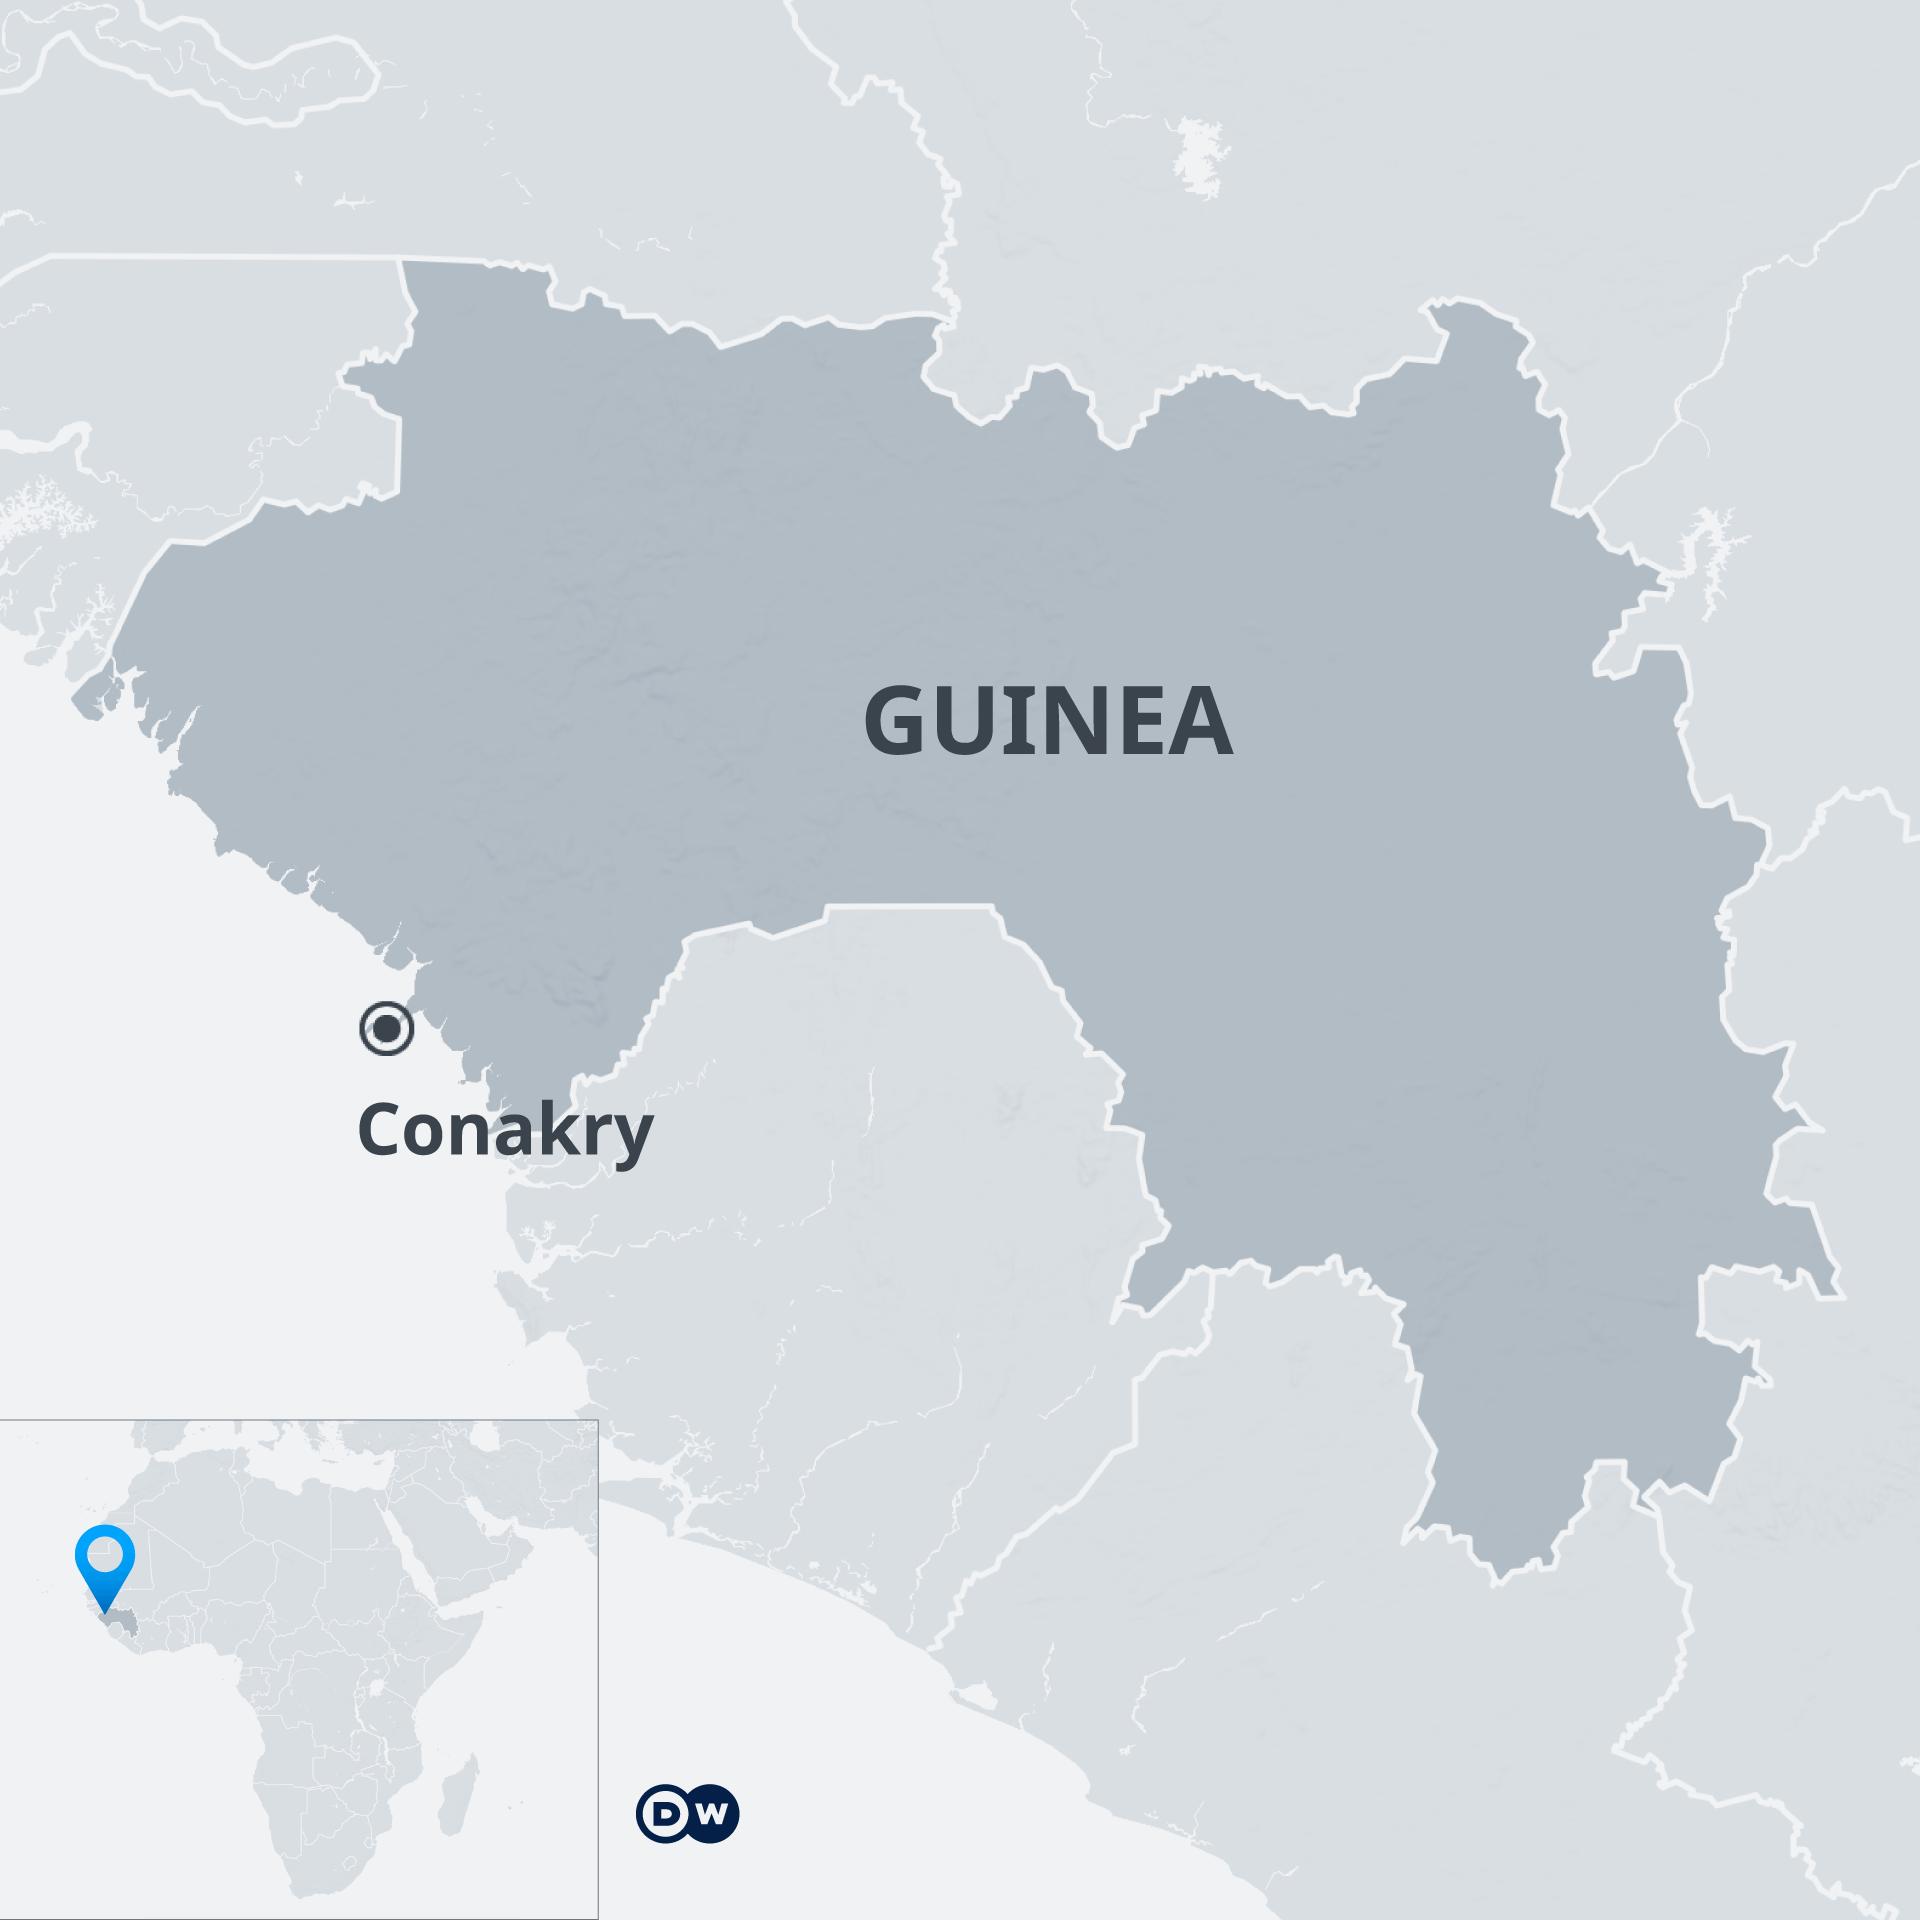 Infografik Karte Guinea Conakry EN, FR,DE